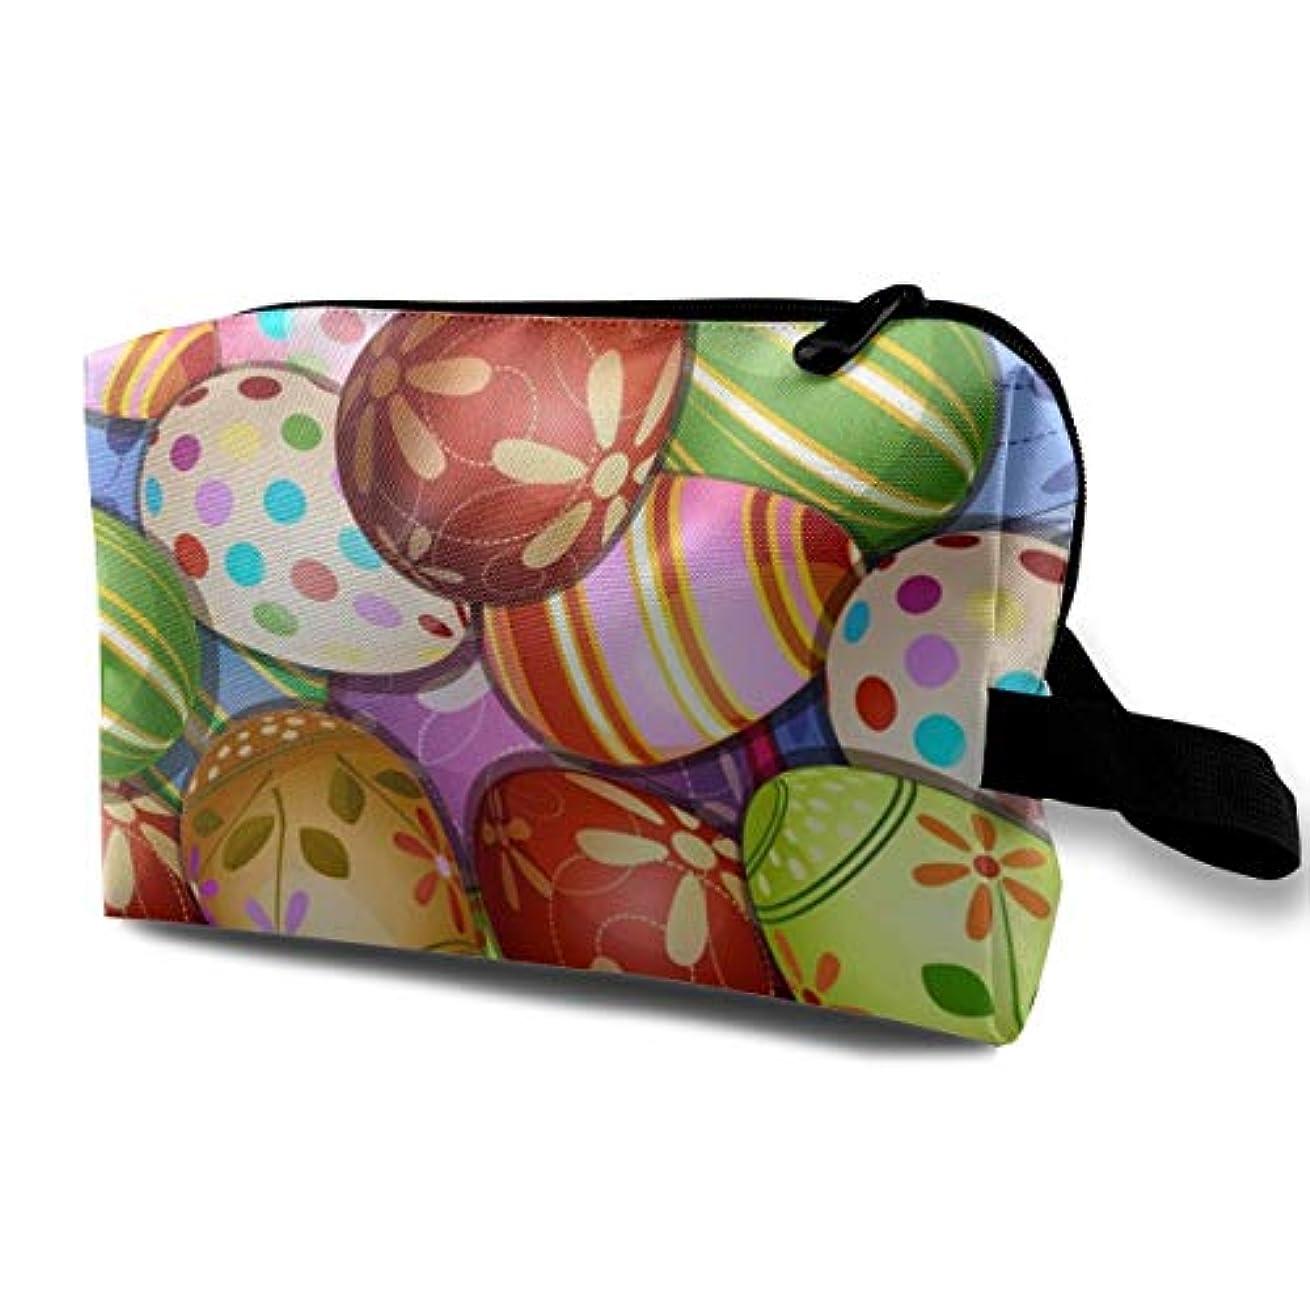 広範囲異常な扱いやすいHappy Easter Fashionable Colorful Eggs 収納ポーチ 化粧ポーチ 大容量 軽量 耐久性 ハンドル付持ち運び便利。入れ 自宅?出張?旅行?アウトドア撮影などに対応。メンズ レディース トラベルグッズ